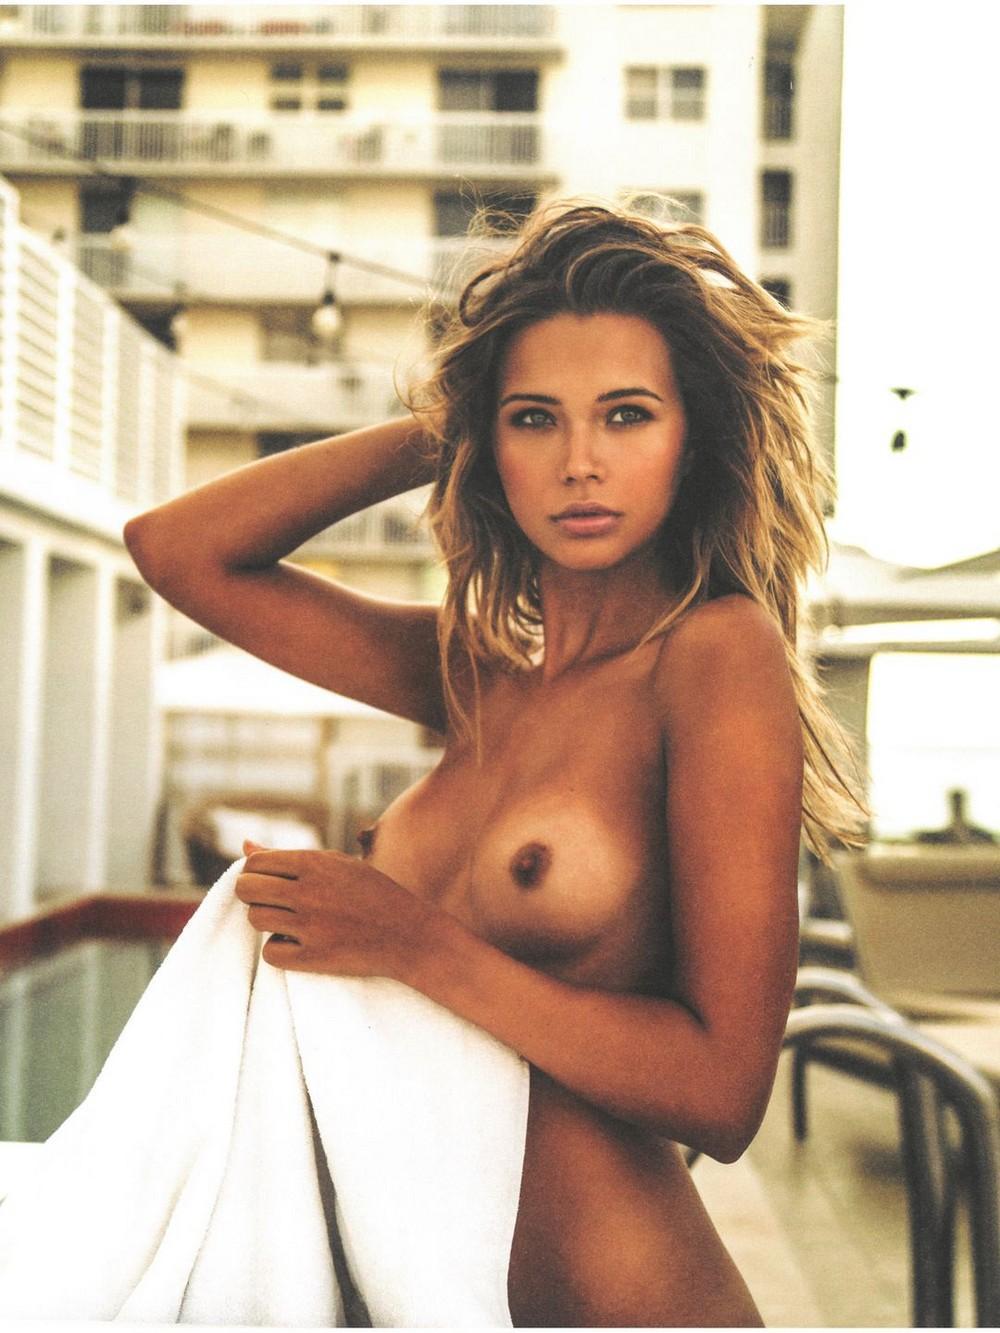 Sandra Kubicka em um ensaio fotográfico sensual 20